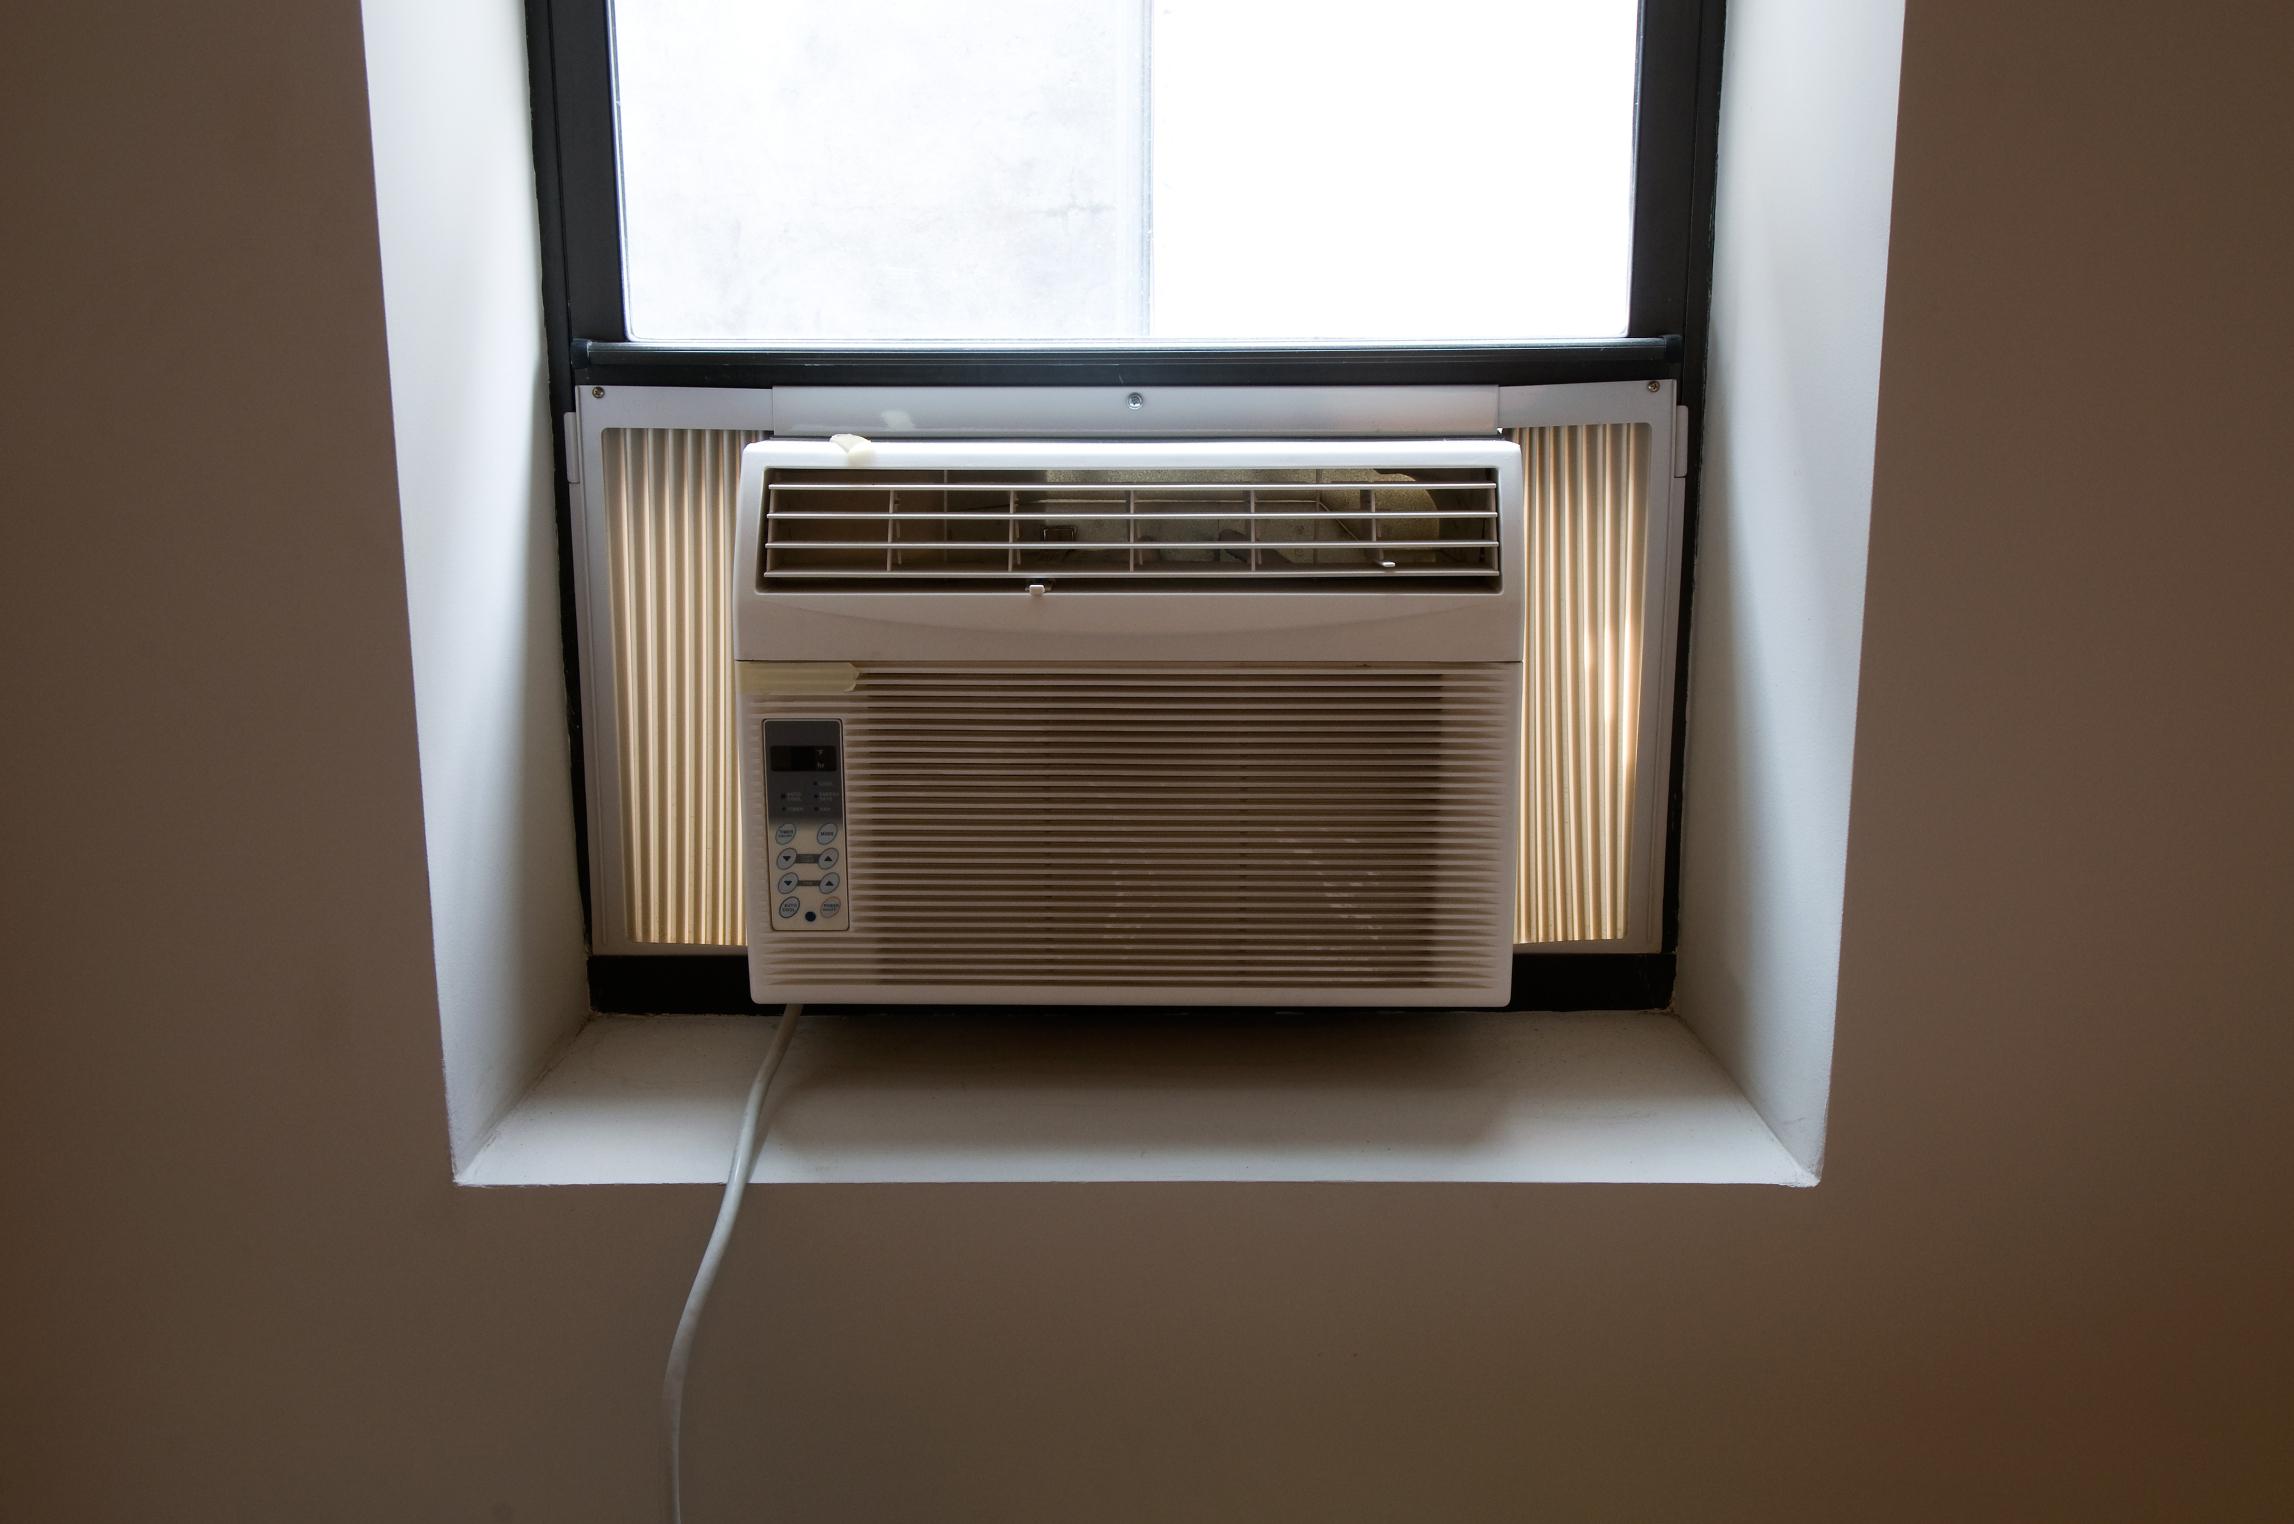 Cómo instalar aire acondicionado de ventana en un nuevo hogar sin el ...